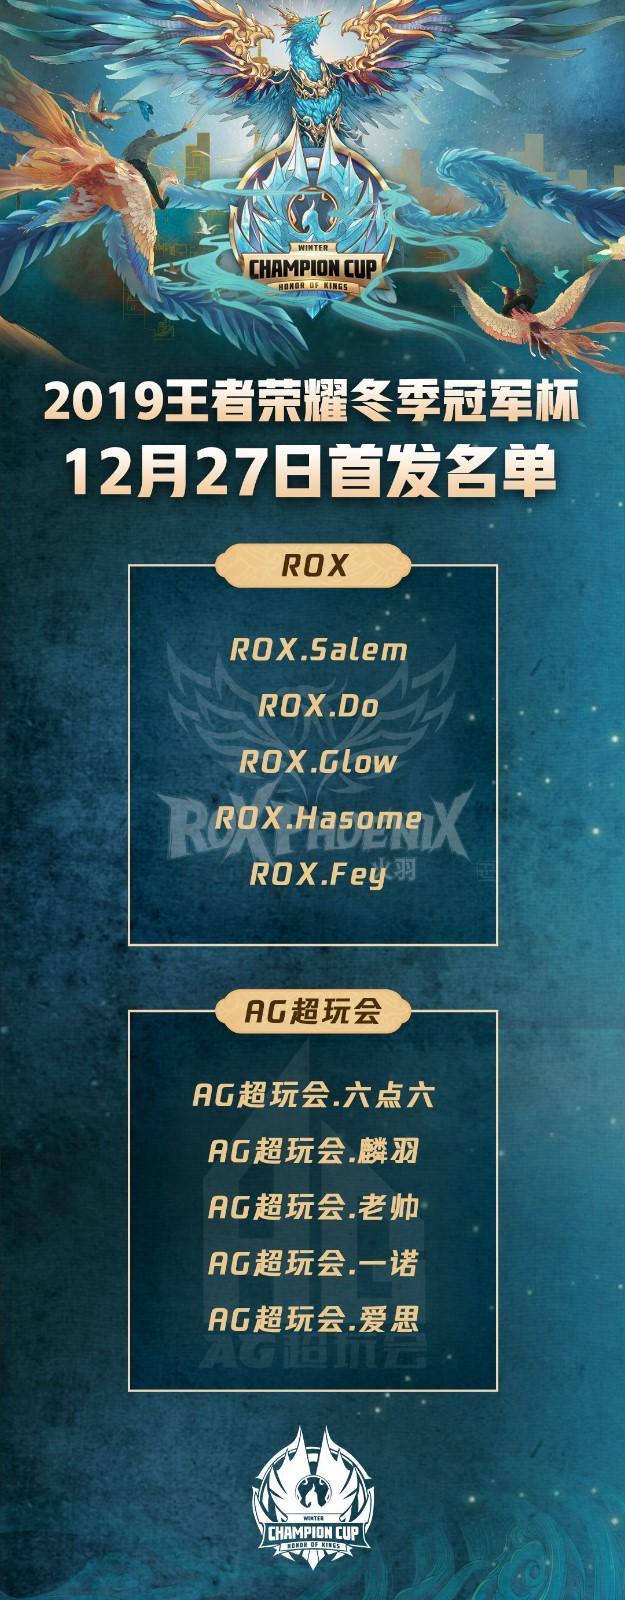 英雄联盟:4:1AG超玩会战胜ROX有惊无险,进入冠军杯四强